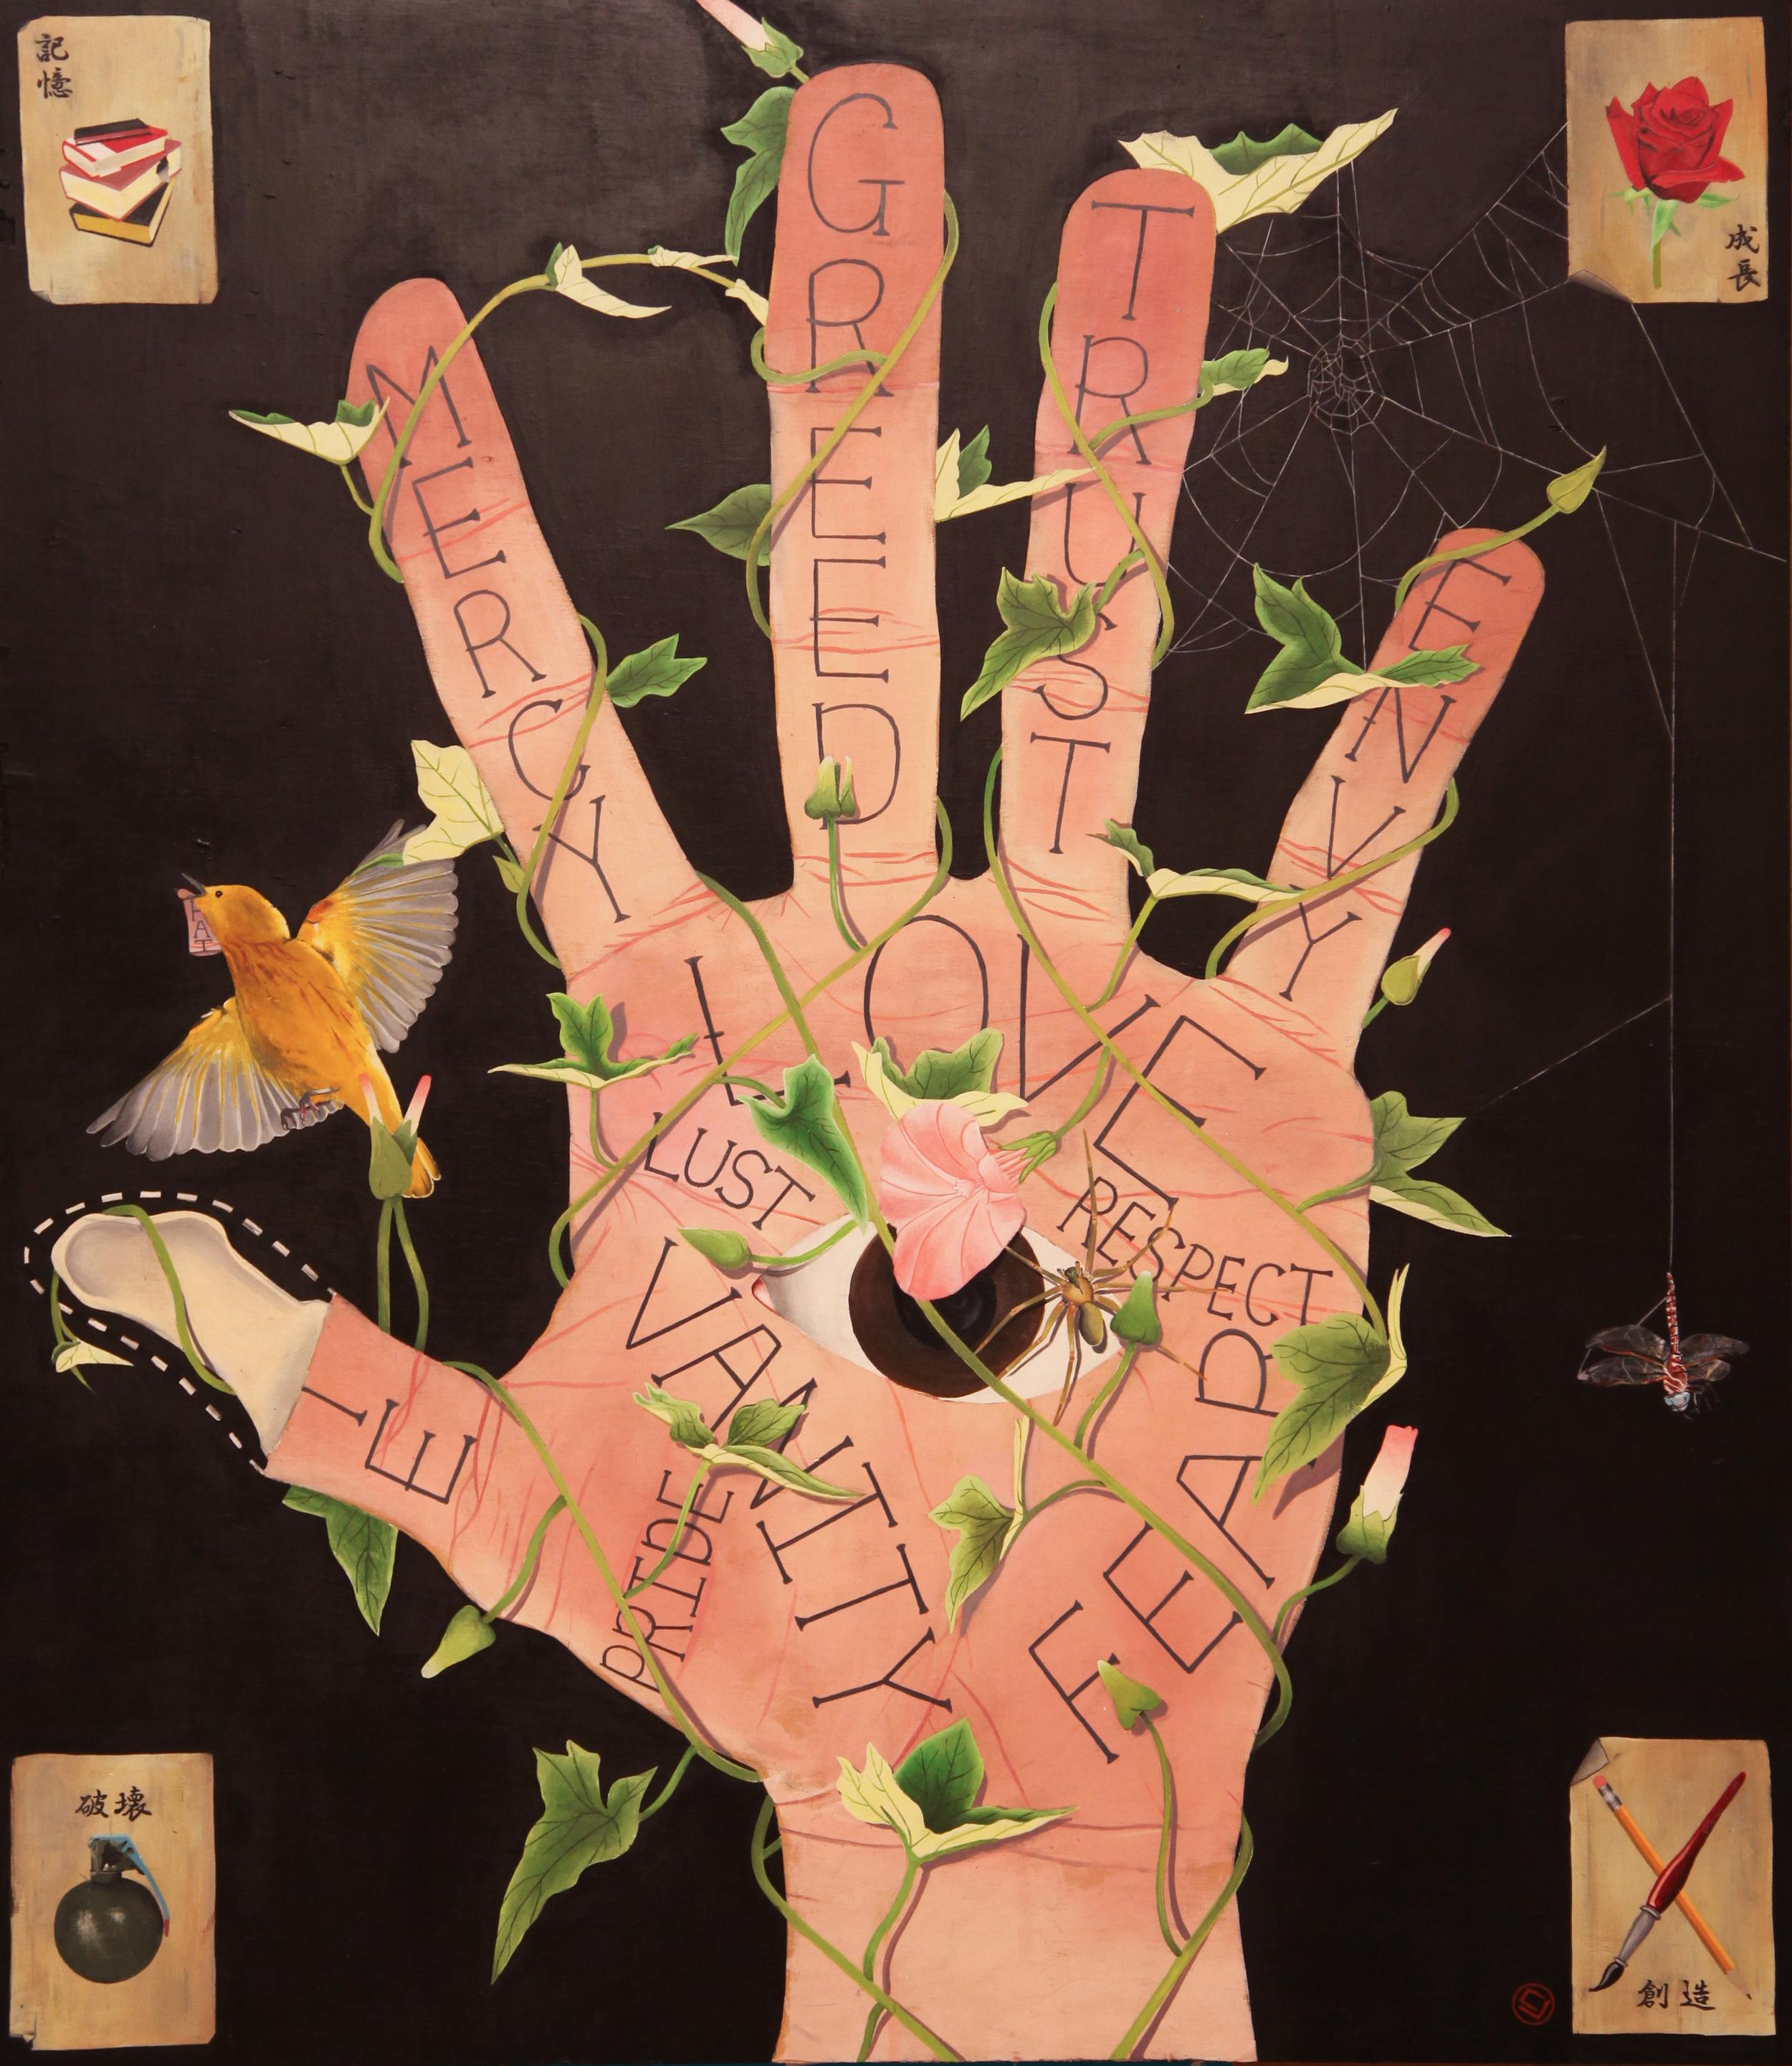 Tarot Hand (31x36)